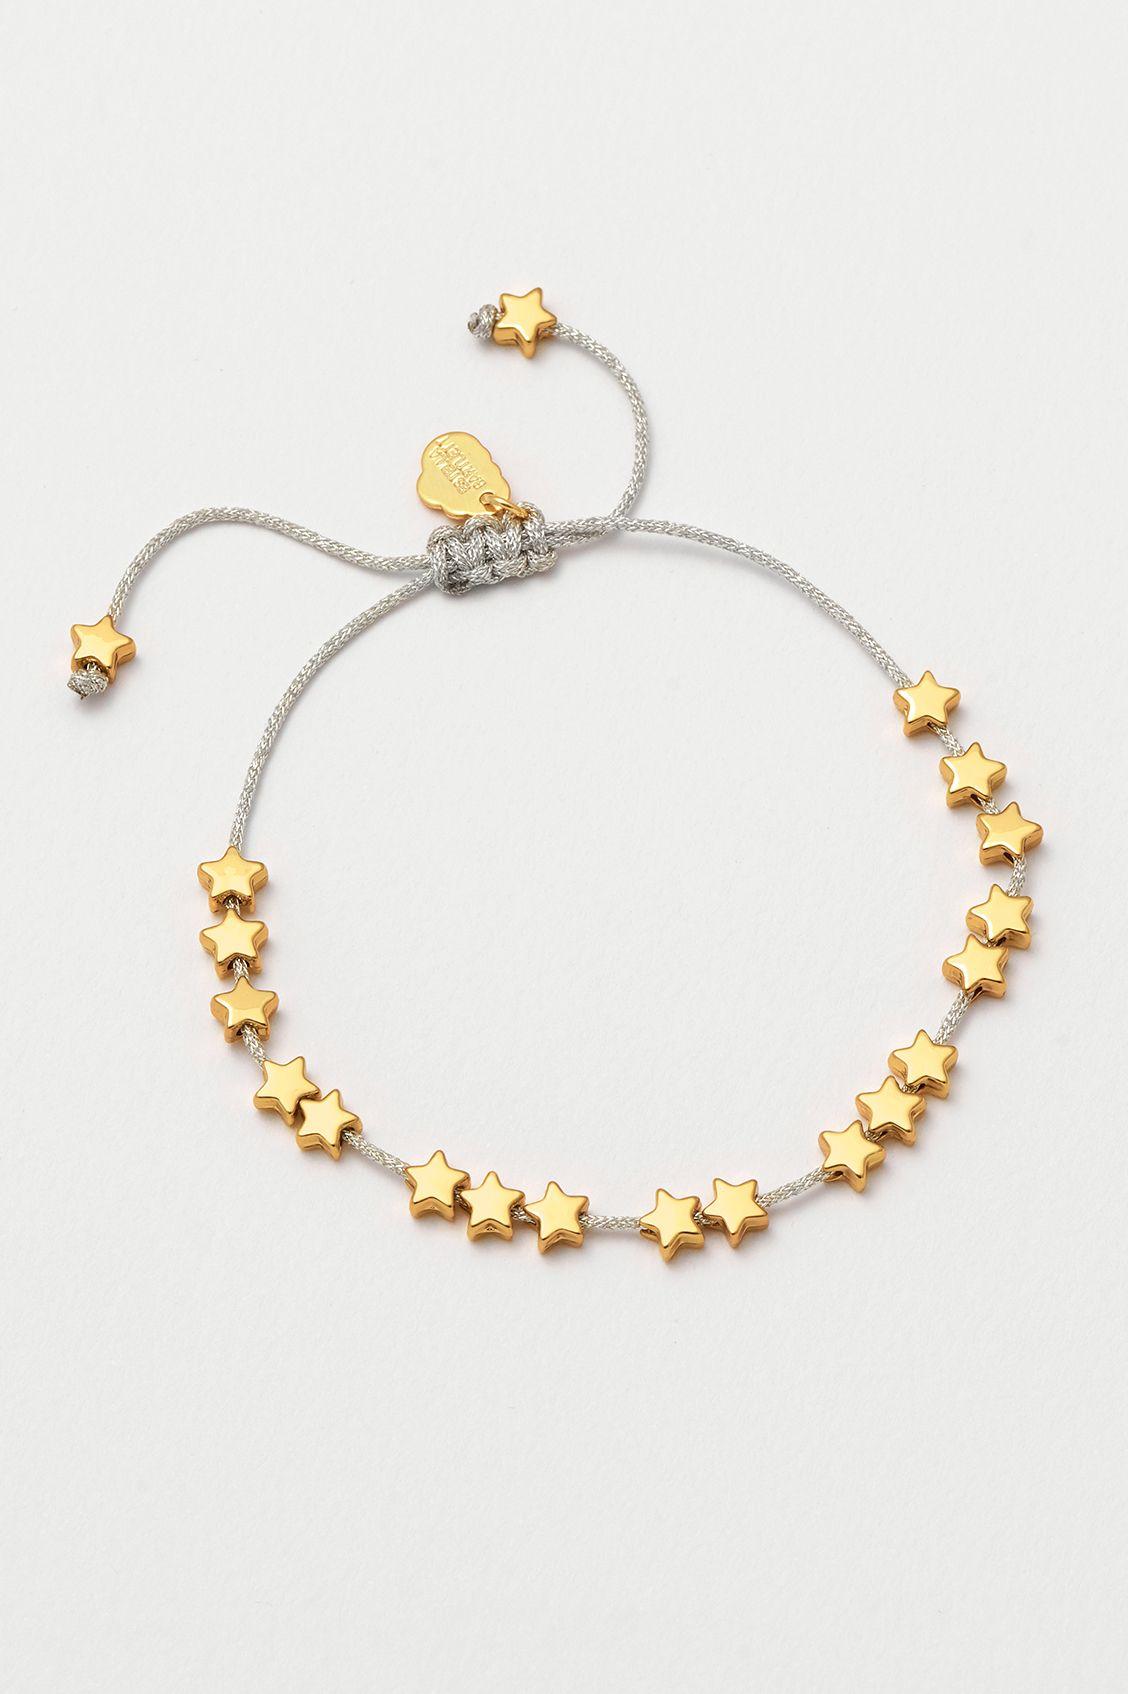 Estella Bartlett Bracelet - Stars So Bright Gold & Silver